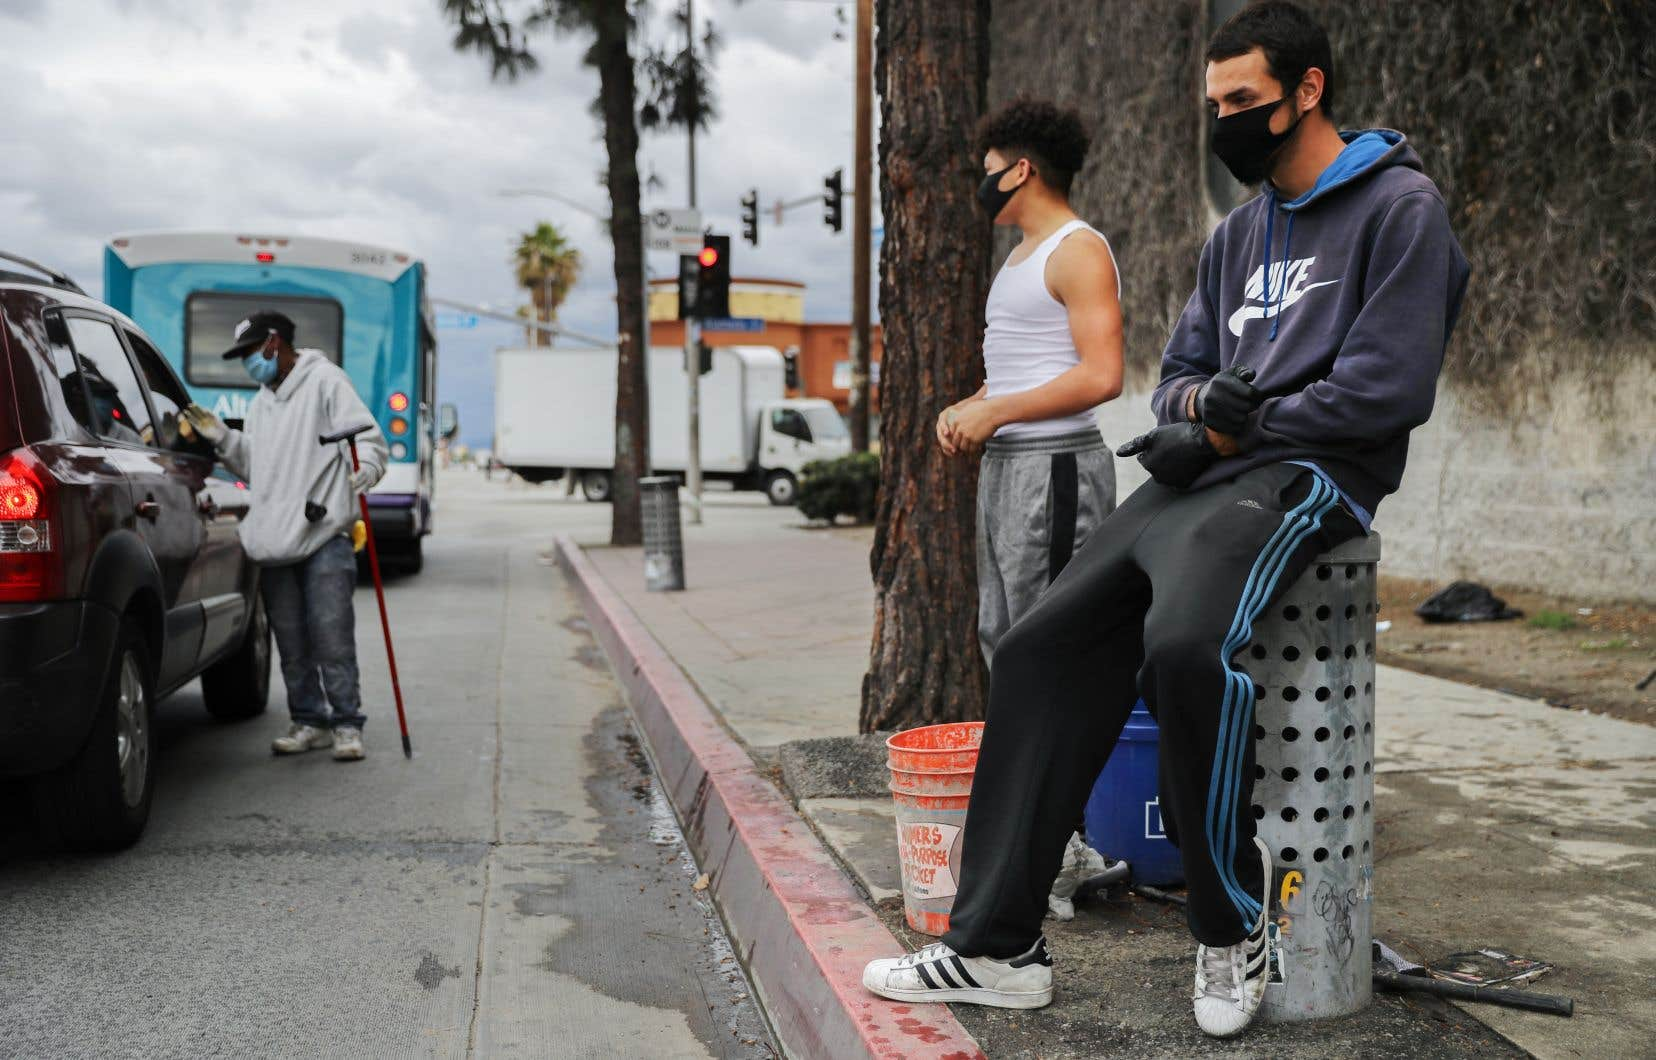 Des laveurs de pare-brises, protégés par un masque, attendaient des clients au coin d'une rue de Los Angeles, mardi.